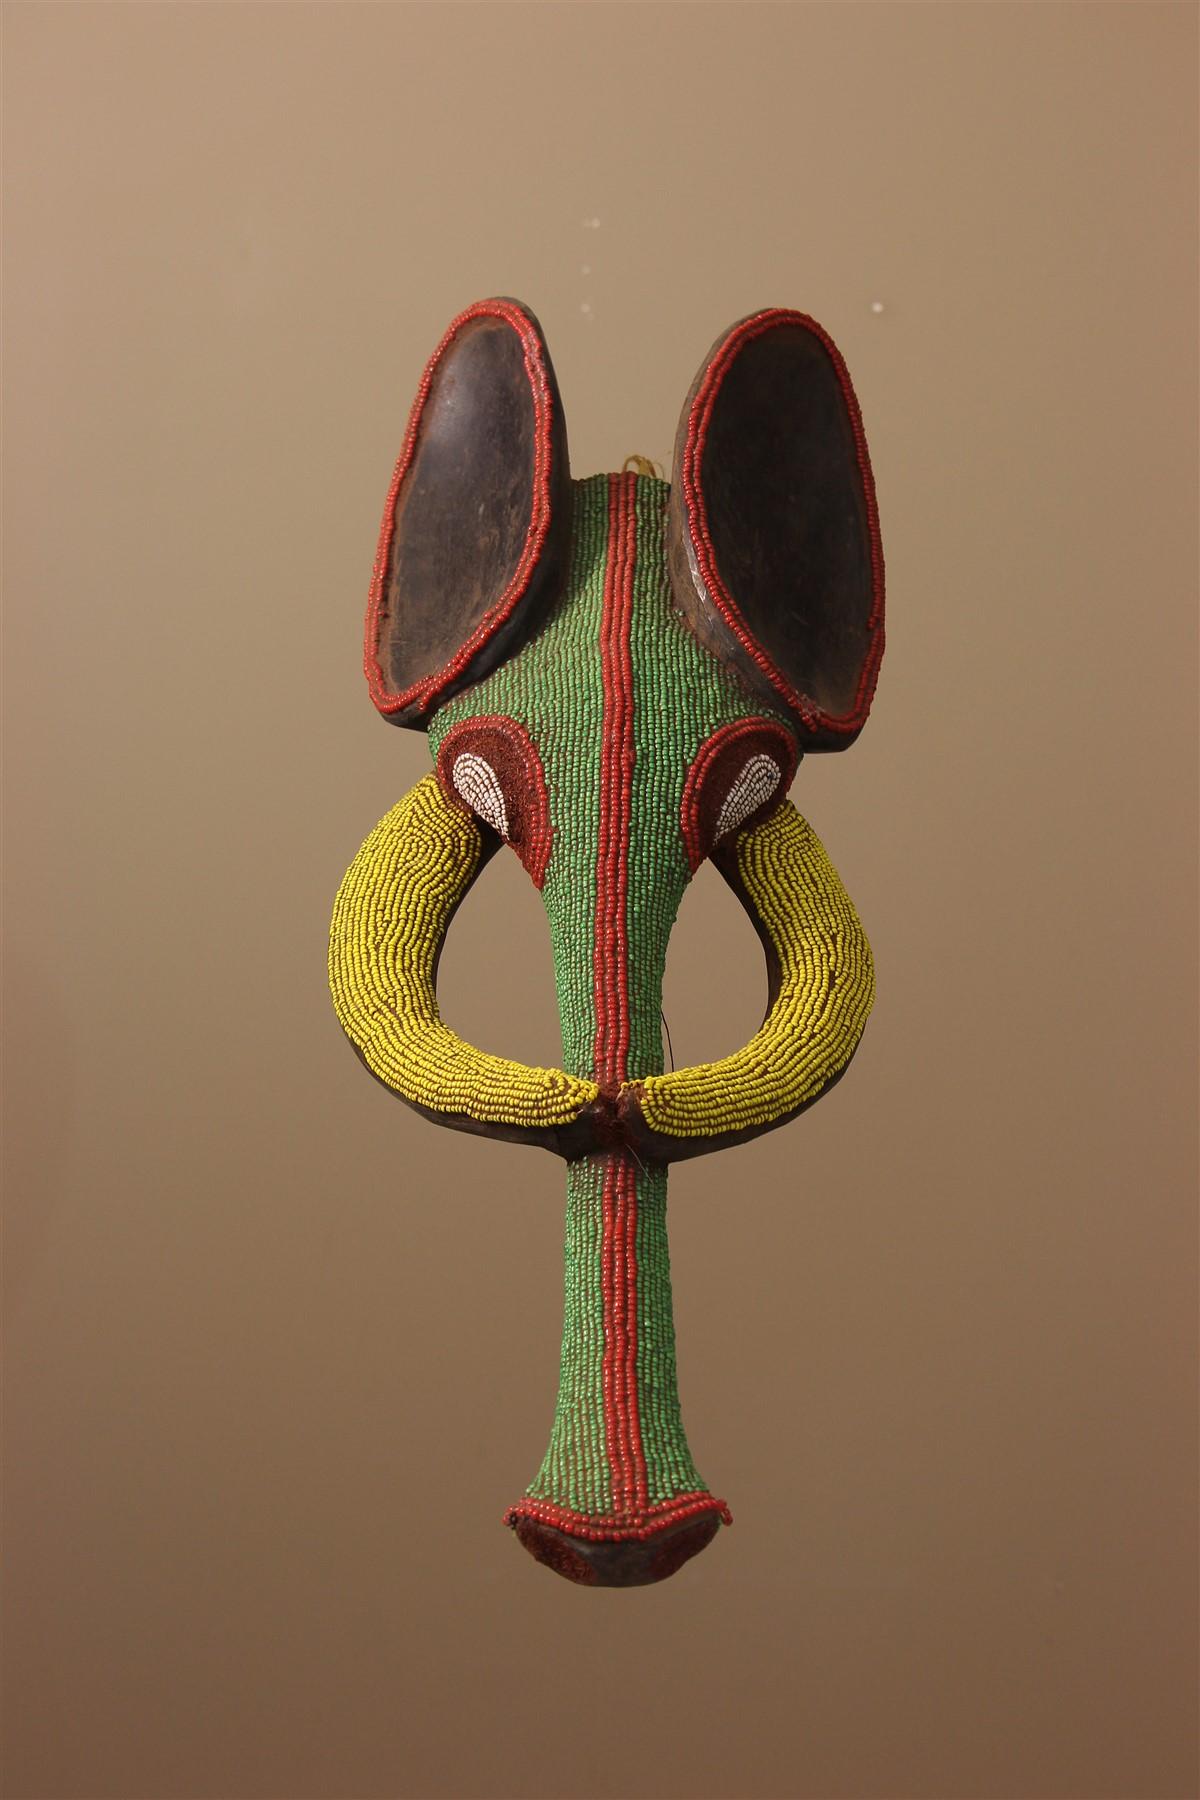 Masque perlé éléphant Babanki - Déco africaine - Art africain traditionnel